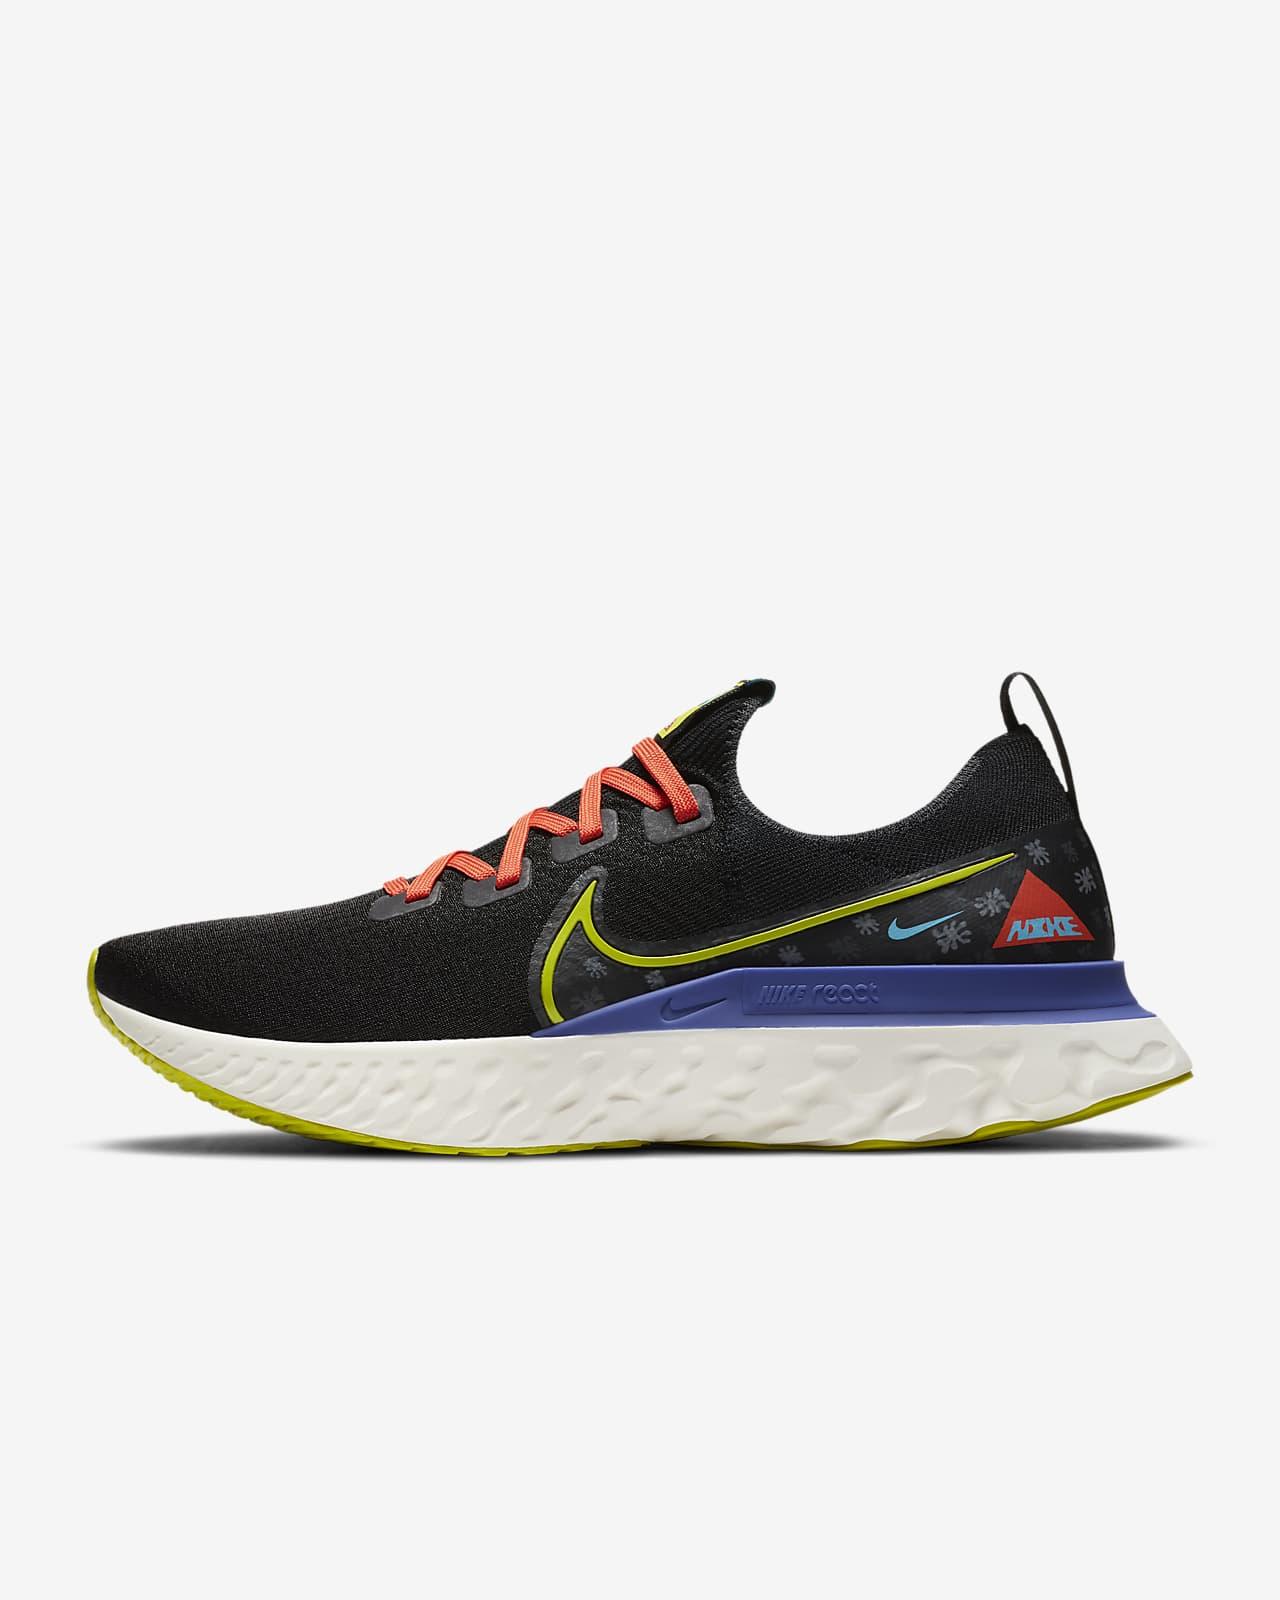 Nike React Infinity Run Flyknit A.I.R. Chaz Bear Hardloopschoen